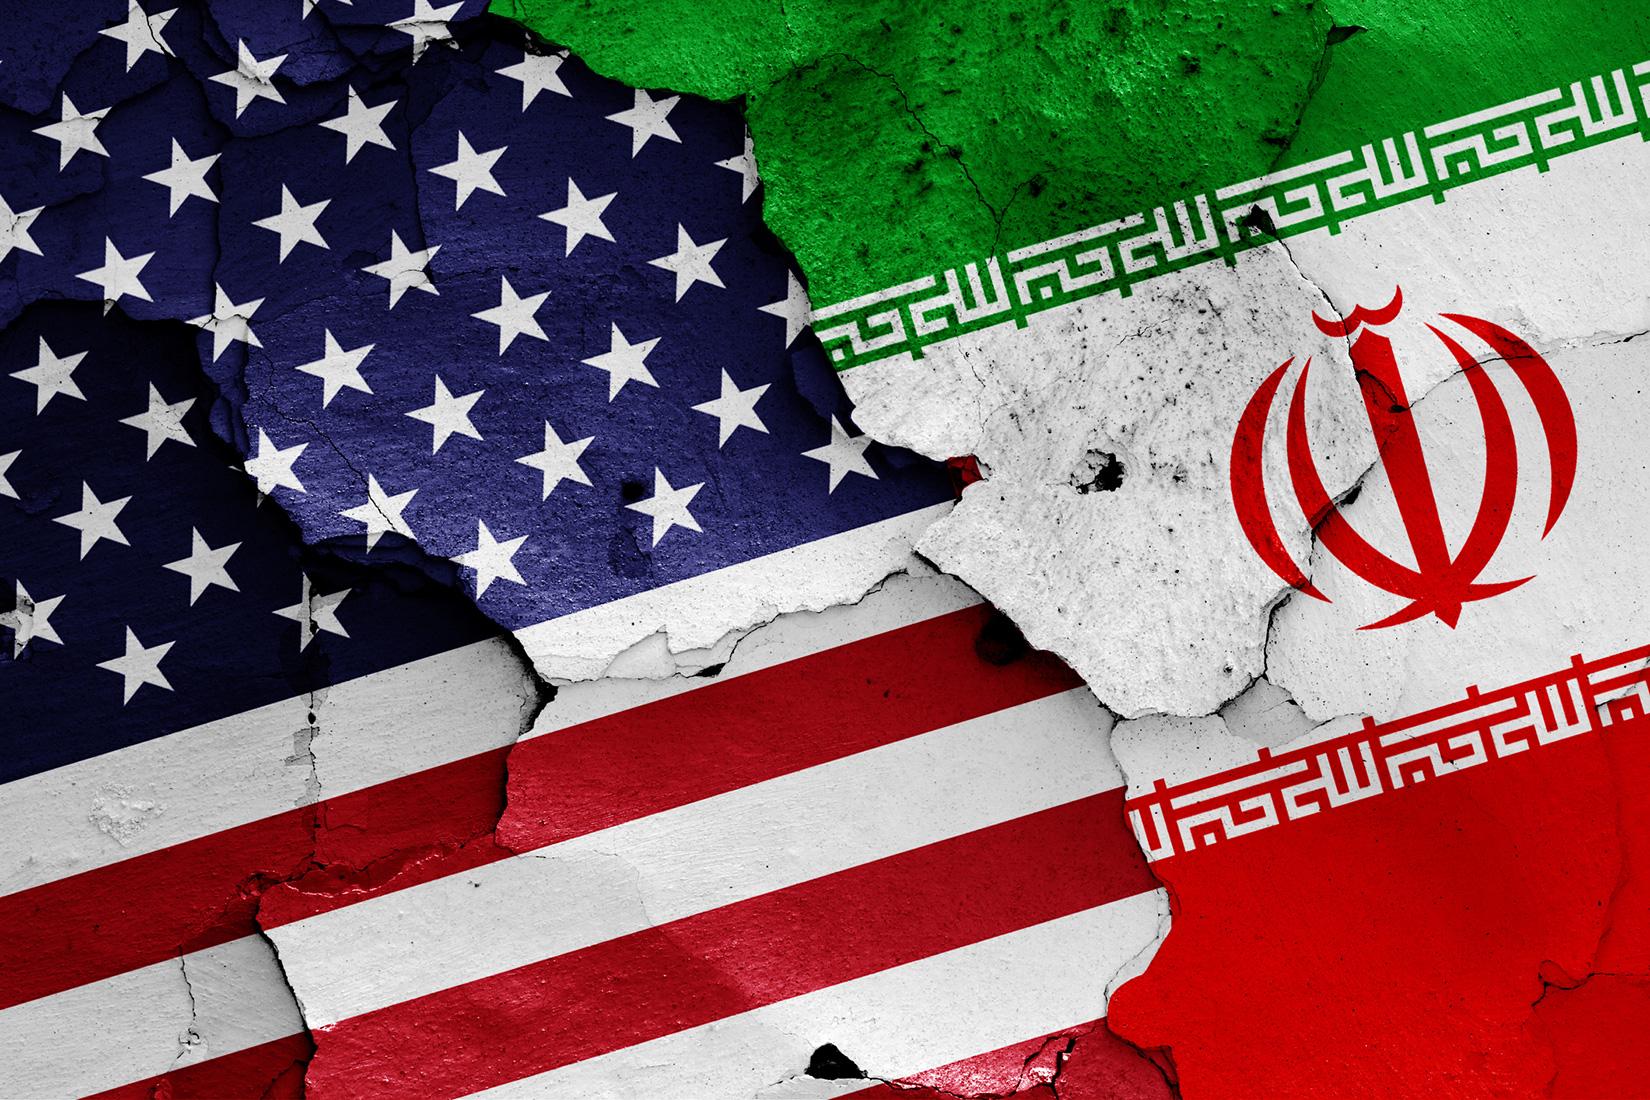 イランを巡る中東の緊張緩和に日本が貢献できること